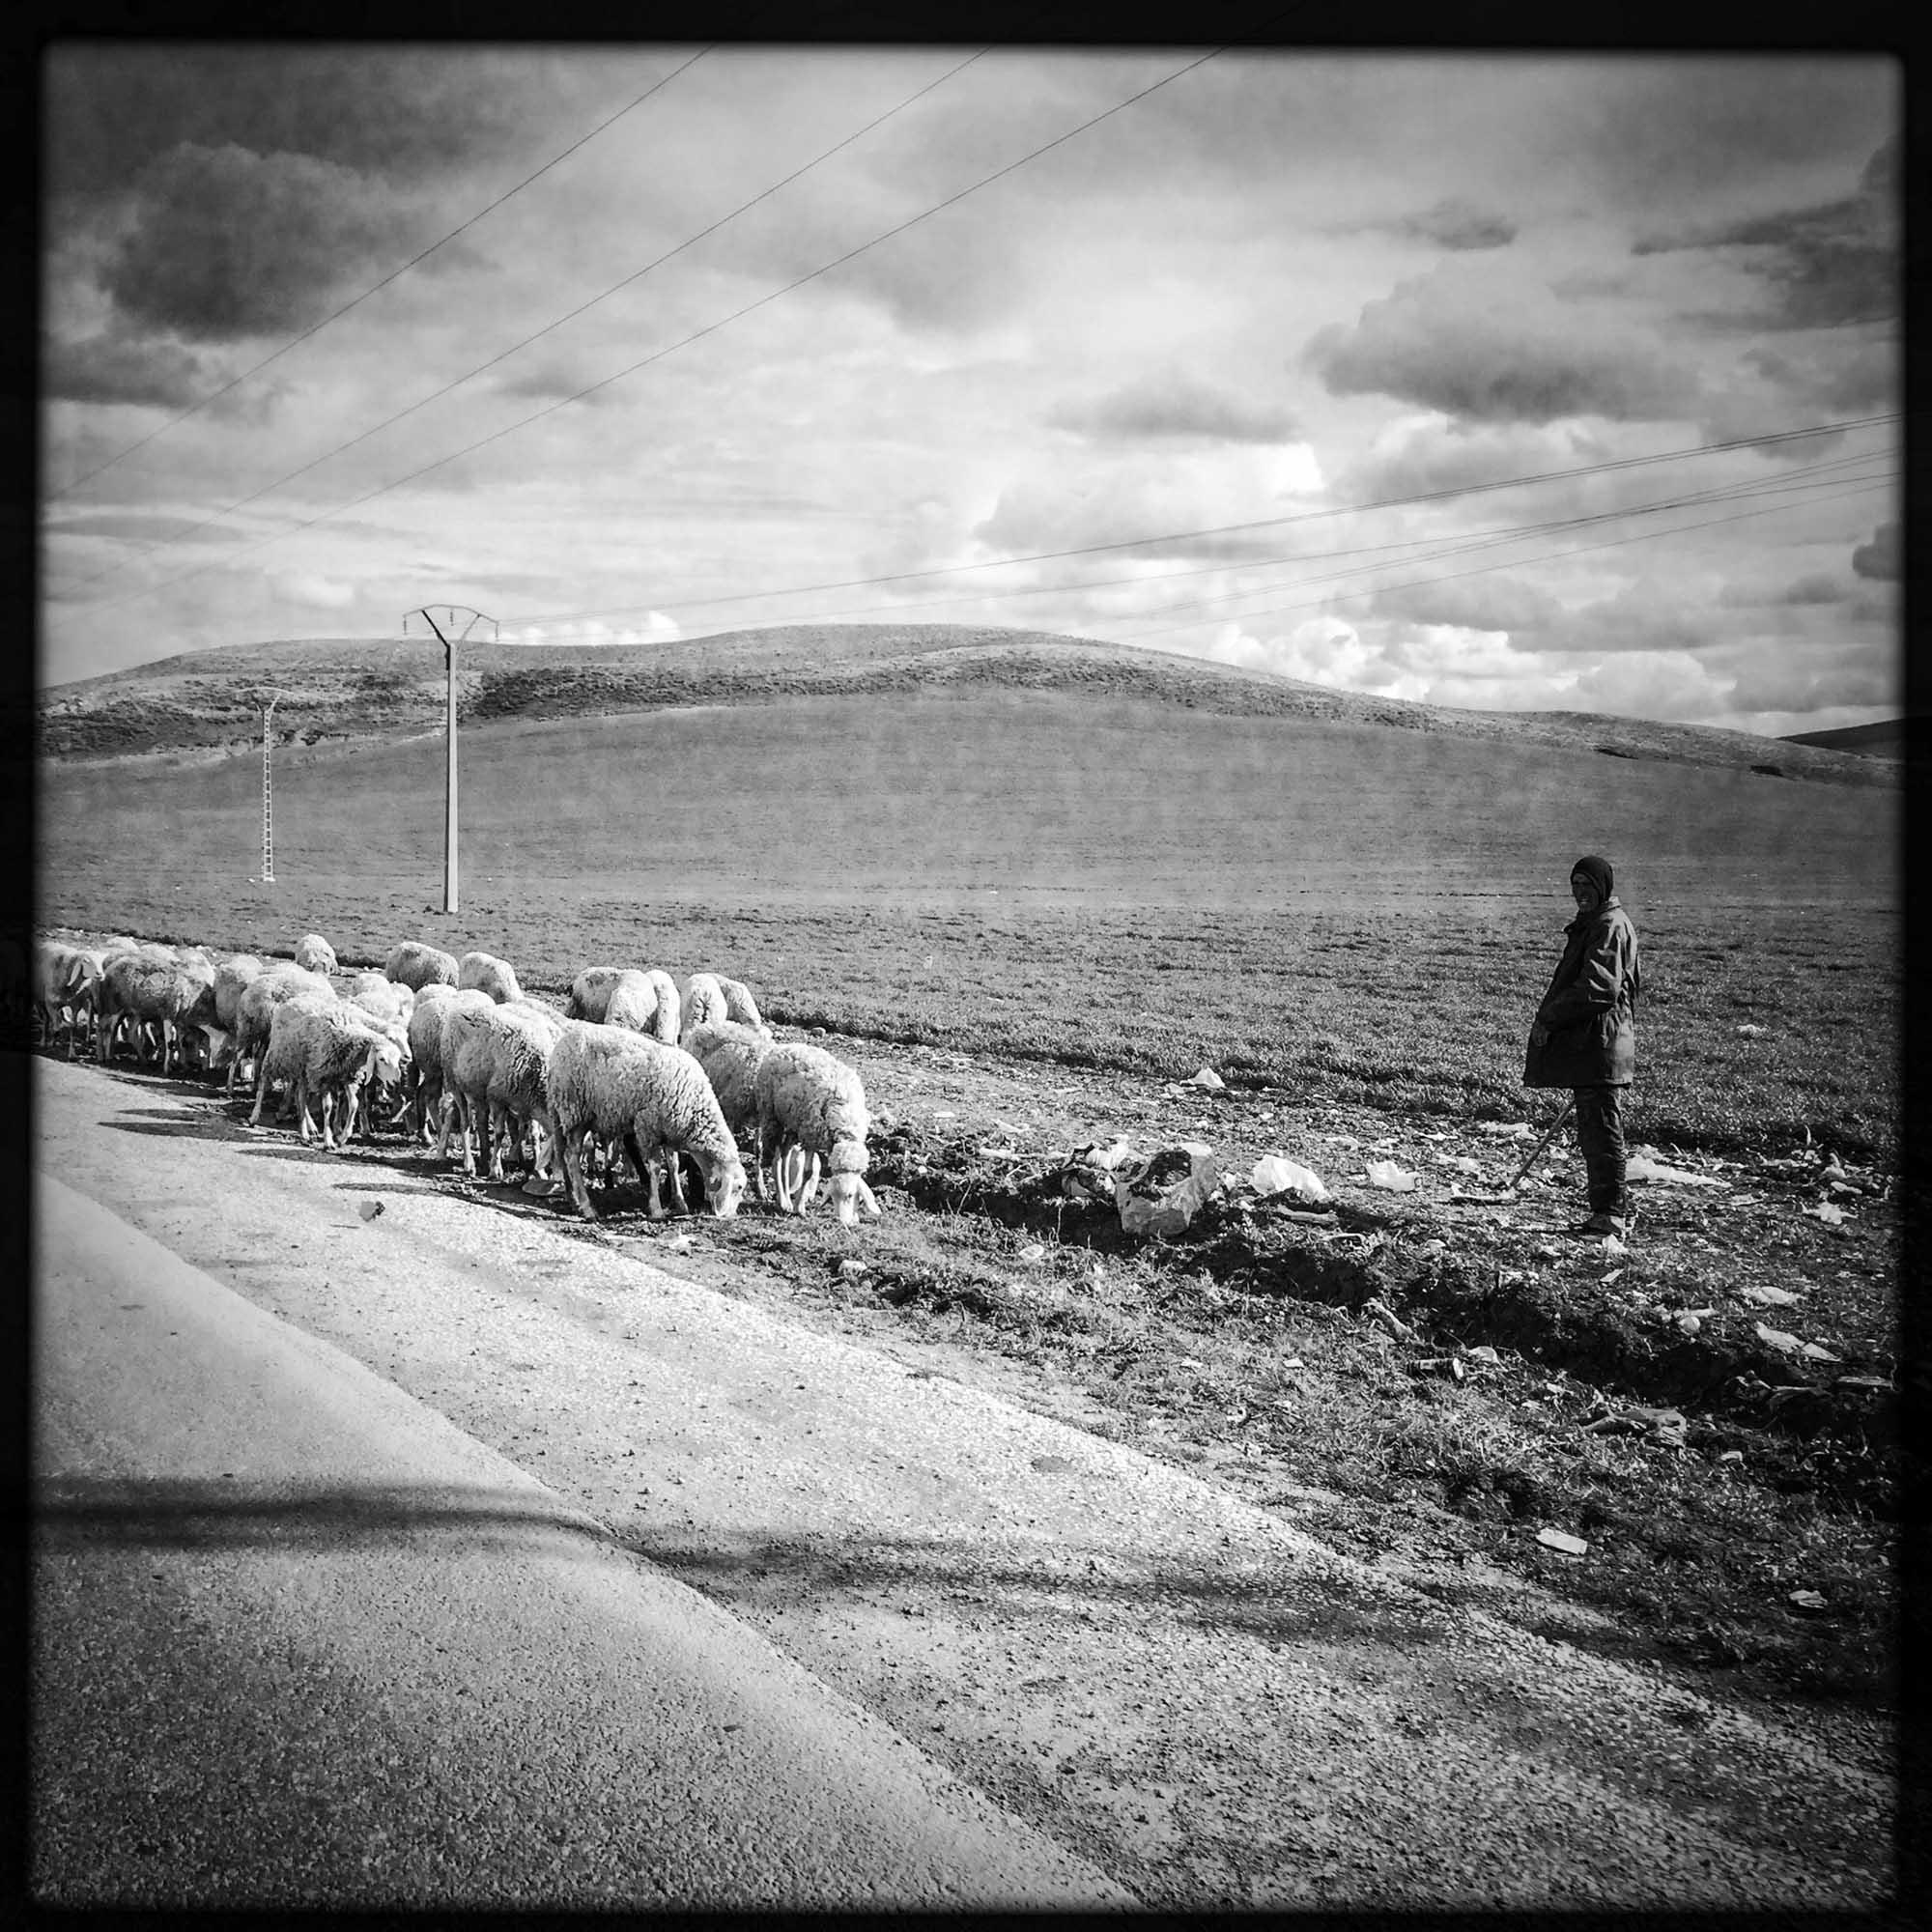 Un berger le long de la route, près de Guelma. 13/02/2016-ALGERIE.